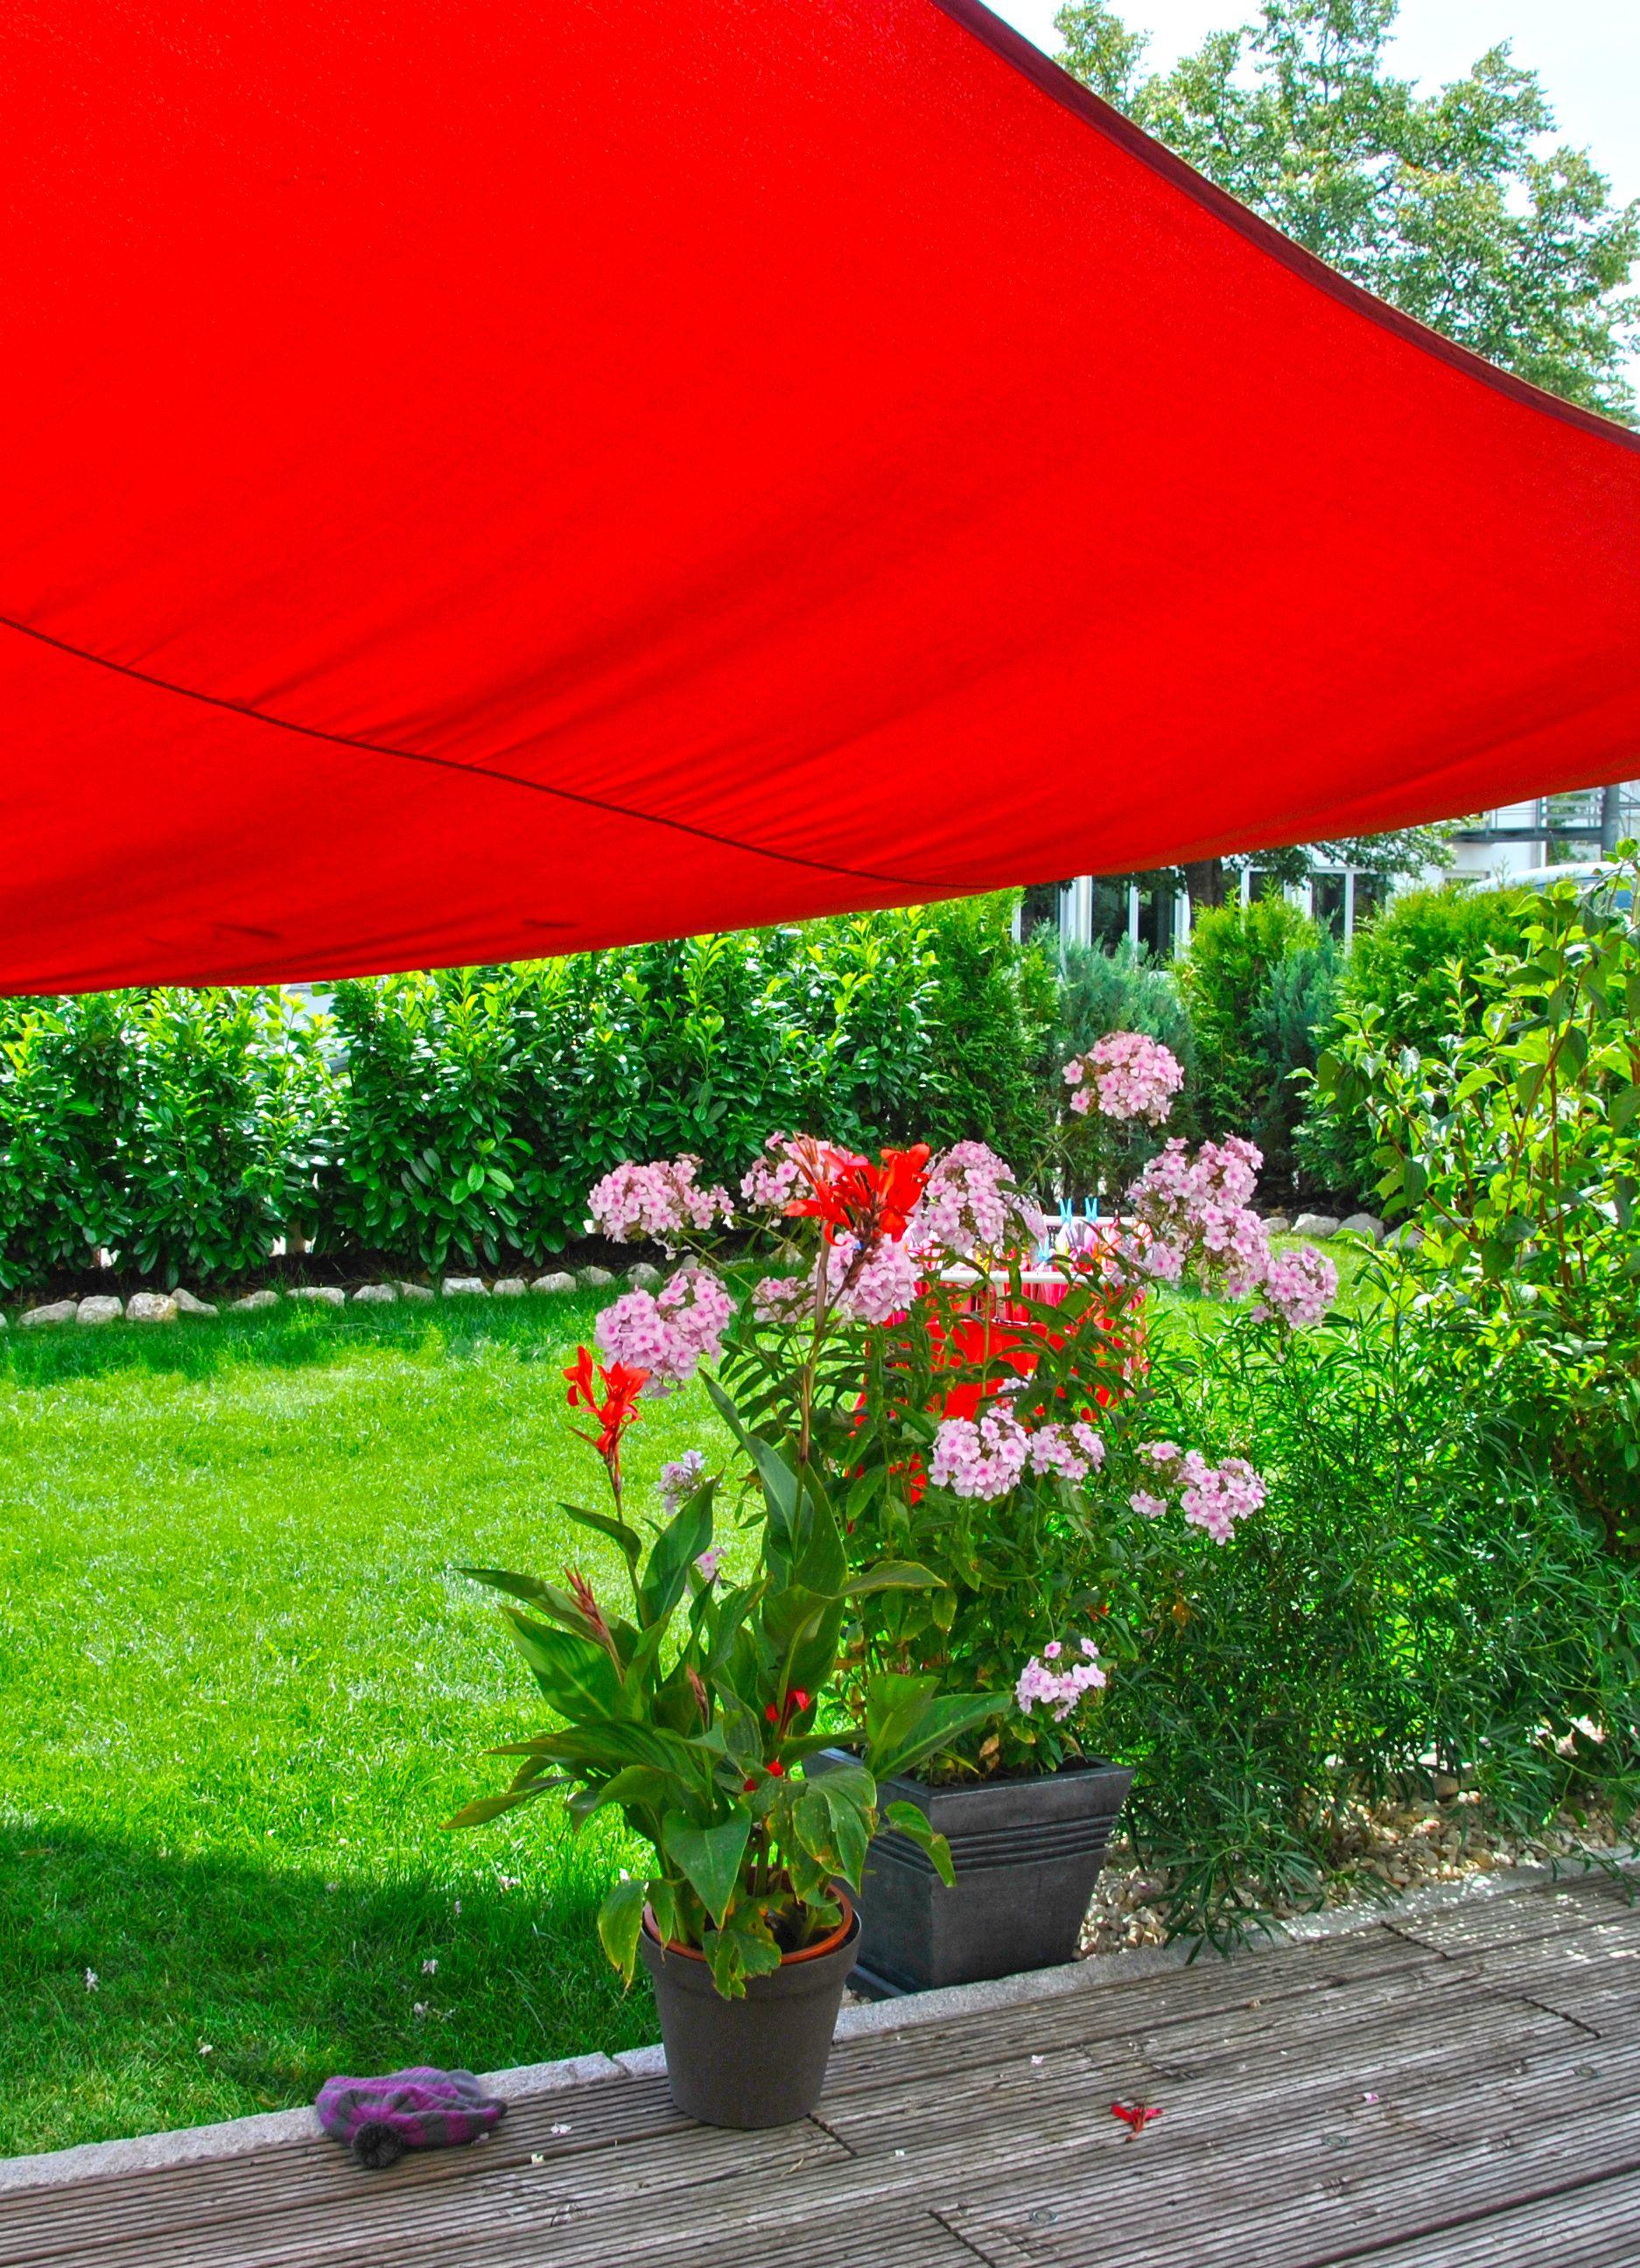 Garten Schöner Wohnen sonnensegel garten blume schöner wohnen mit unseren sonnensegeln